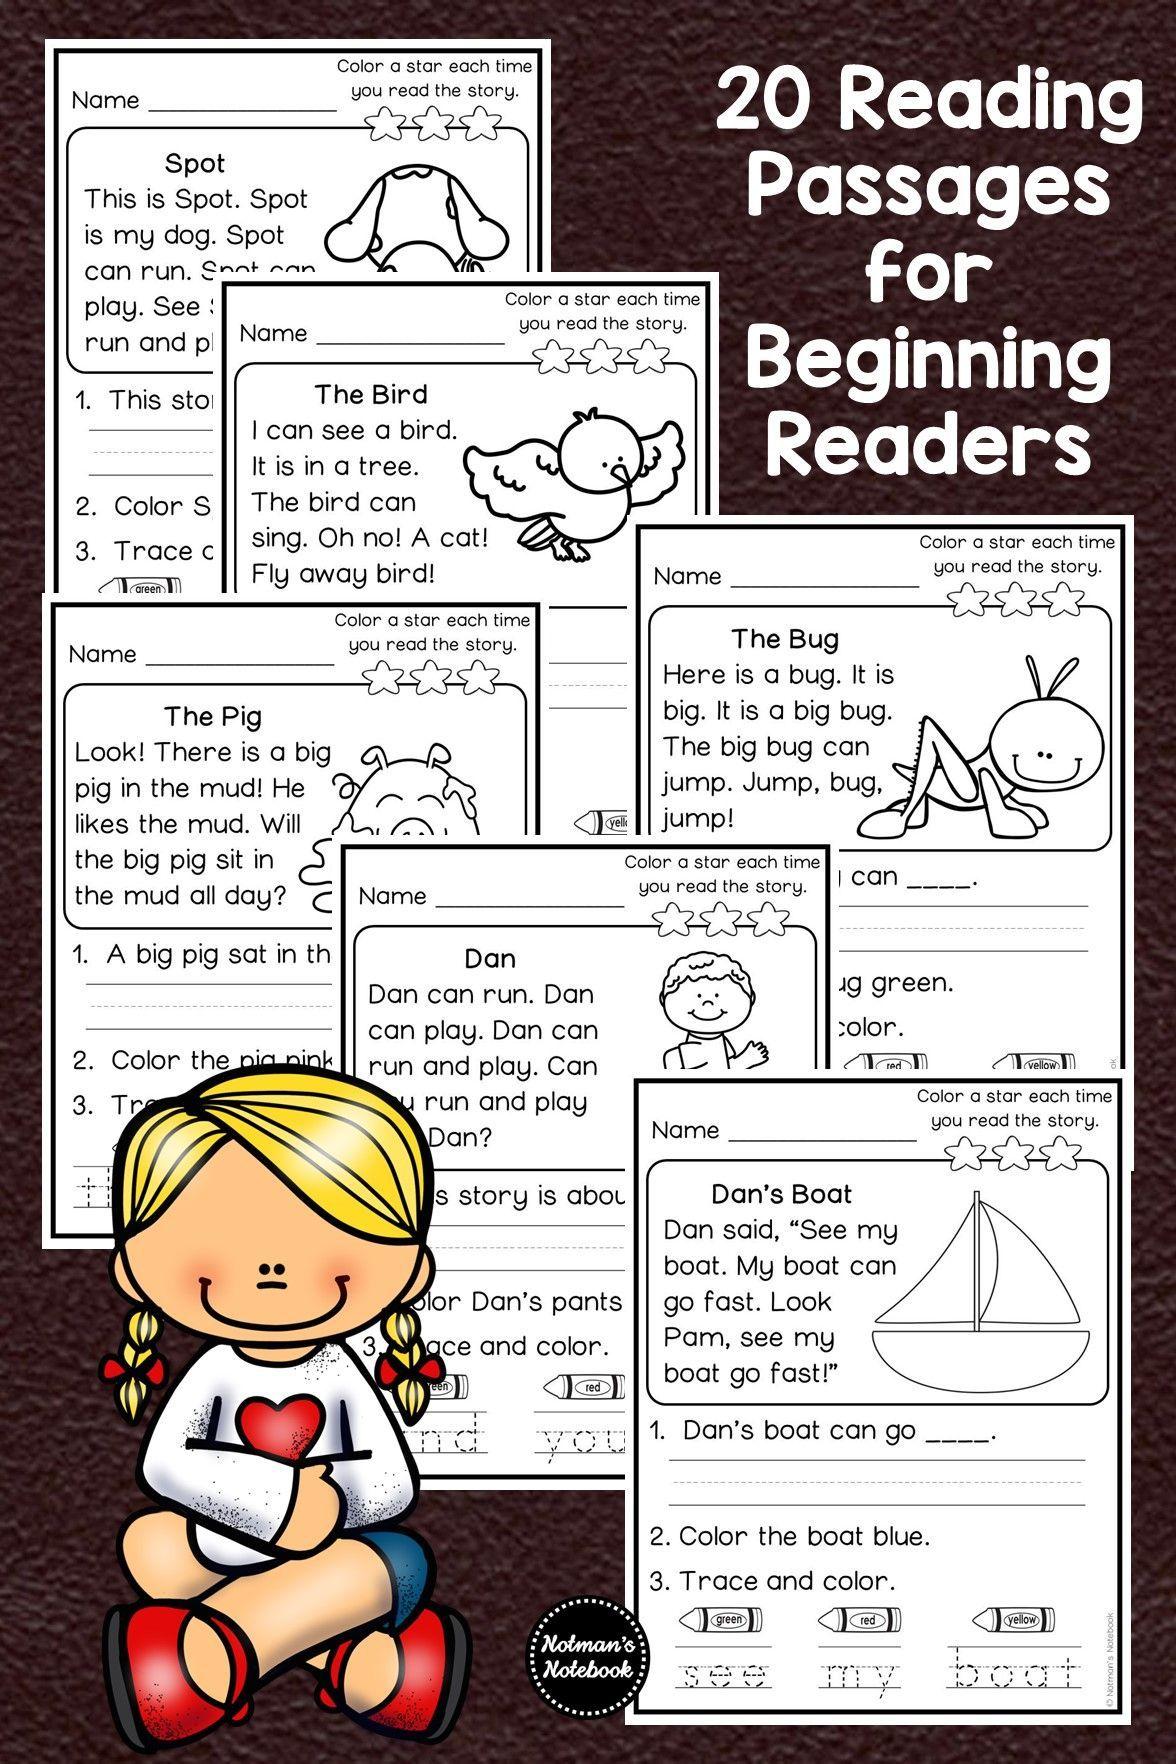 Kindergarten Comprehension Passages Kindergarten Comprehension Passages Elementary Reading Comprehension Passage [ 1764 x 1176 Pixel ]